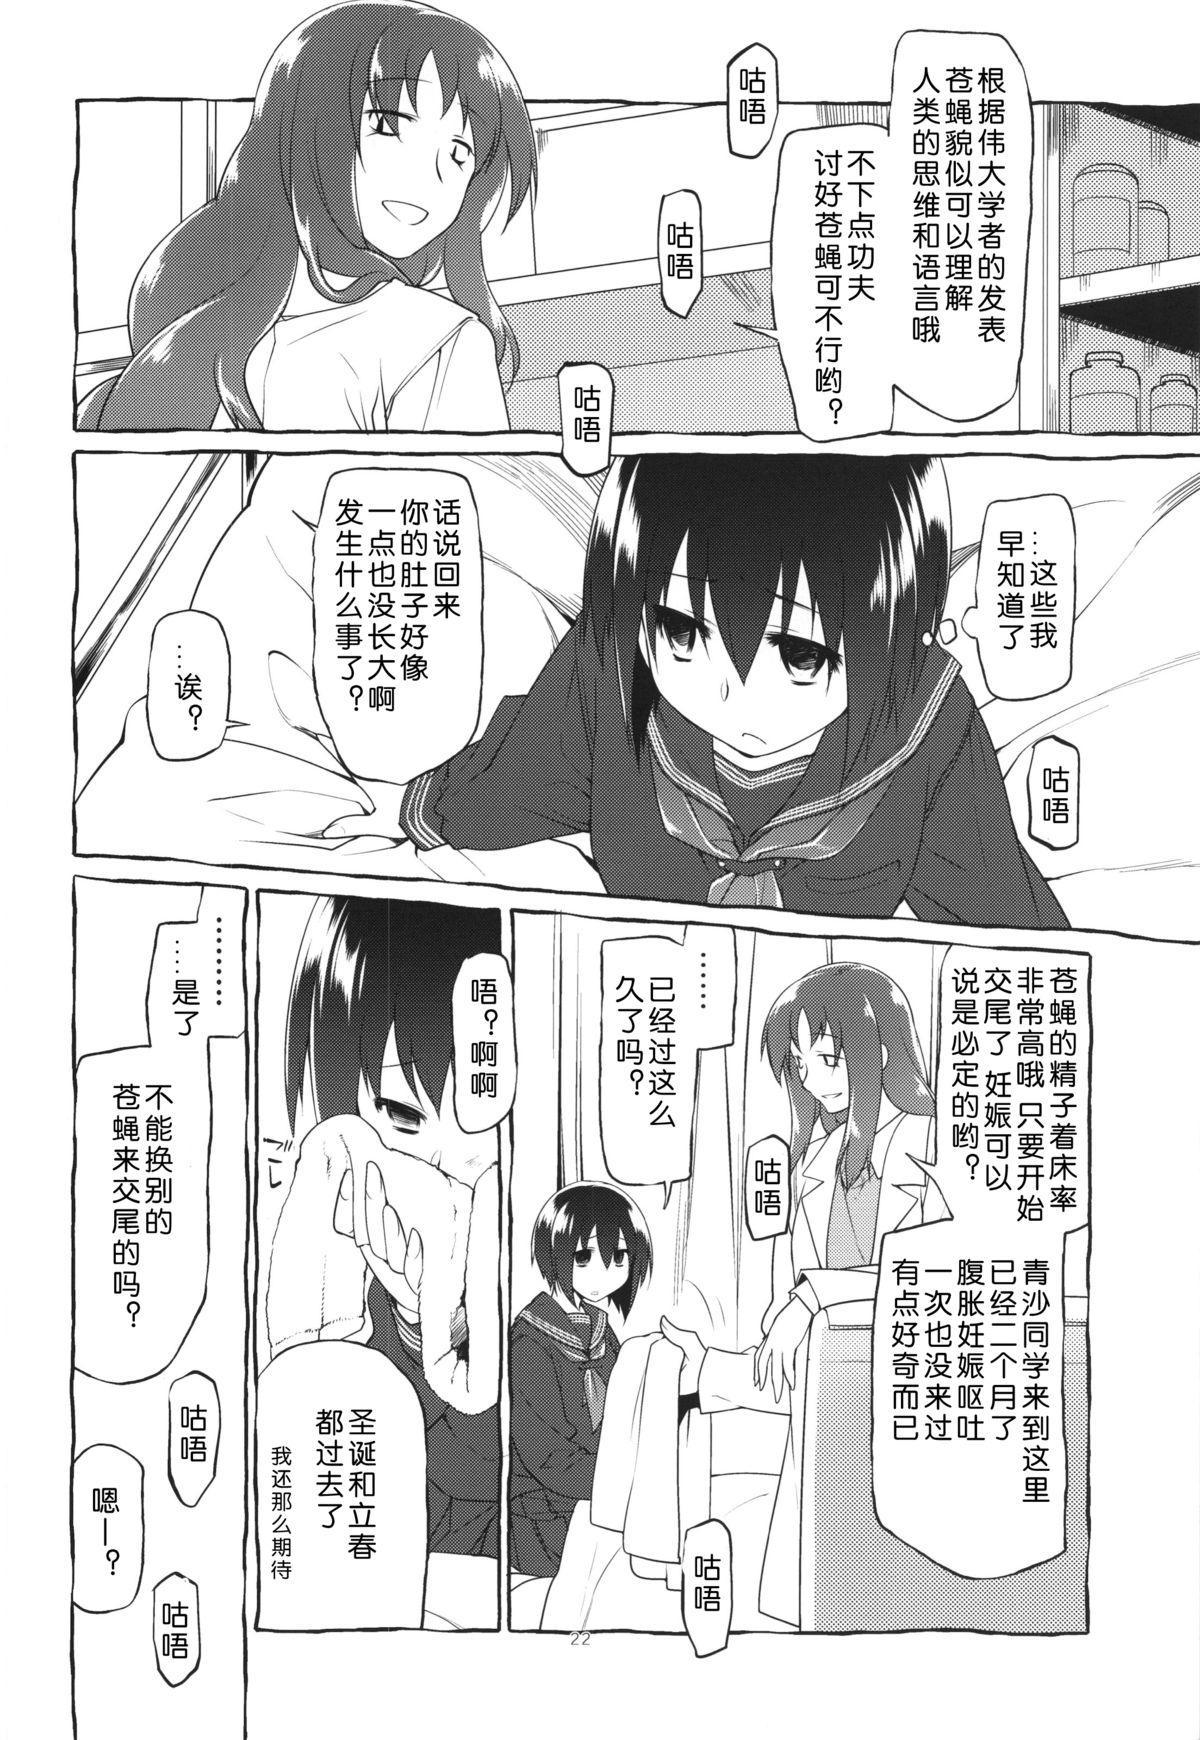 Uchuujin no Fuyu 23